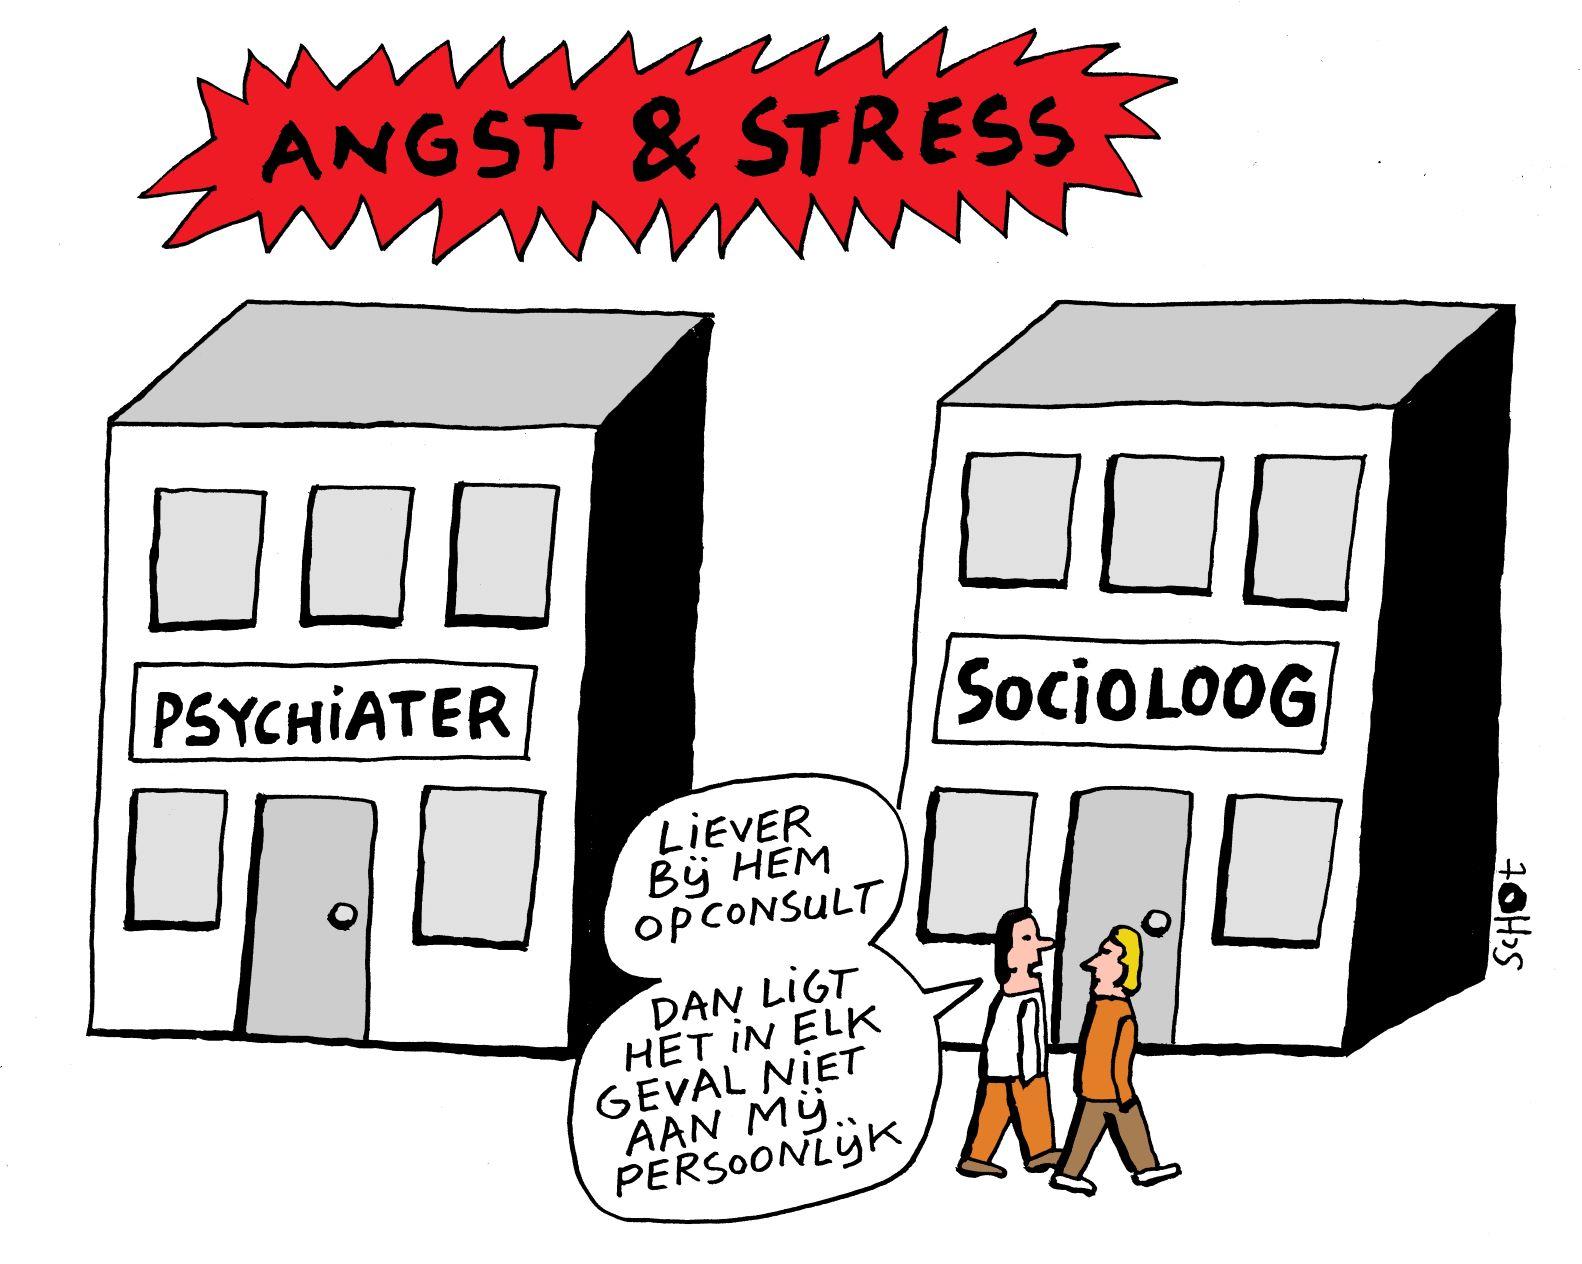 kwestie – psychiater psycholoog – bas van der schot